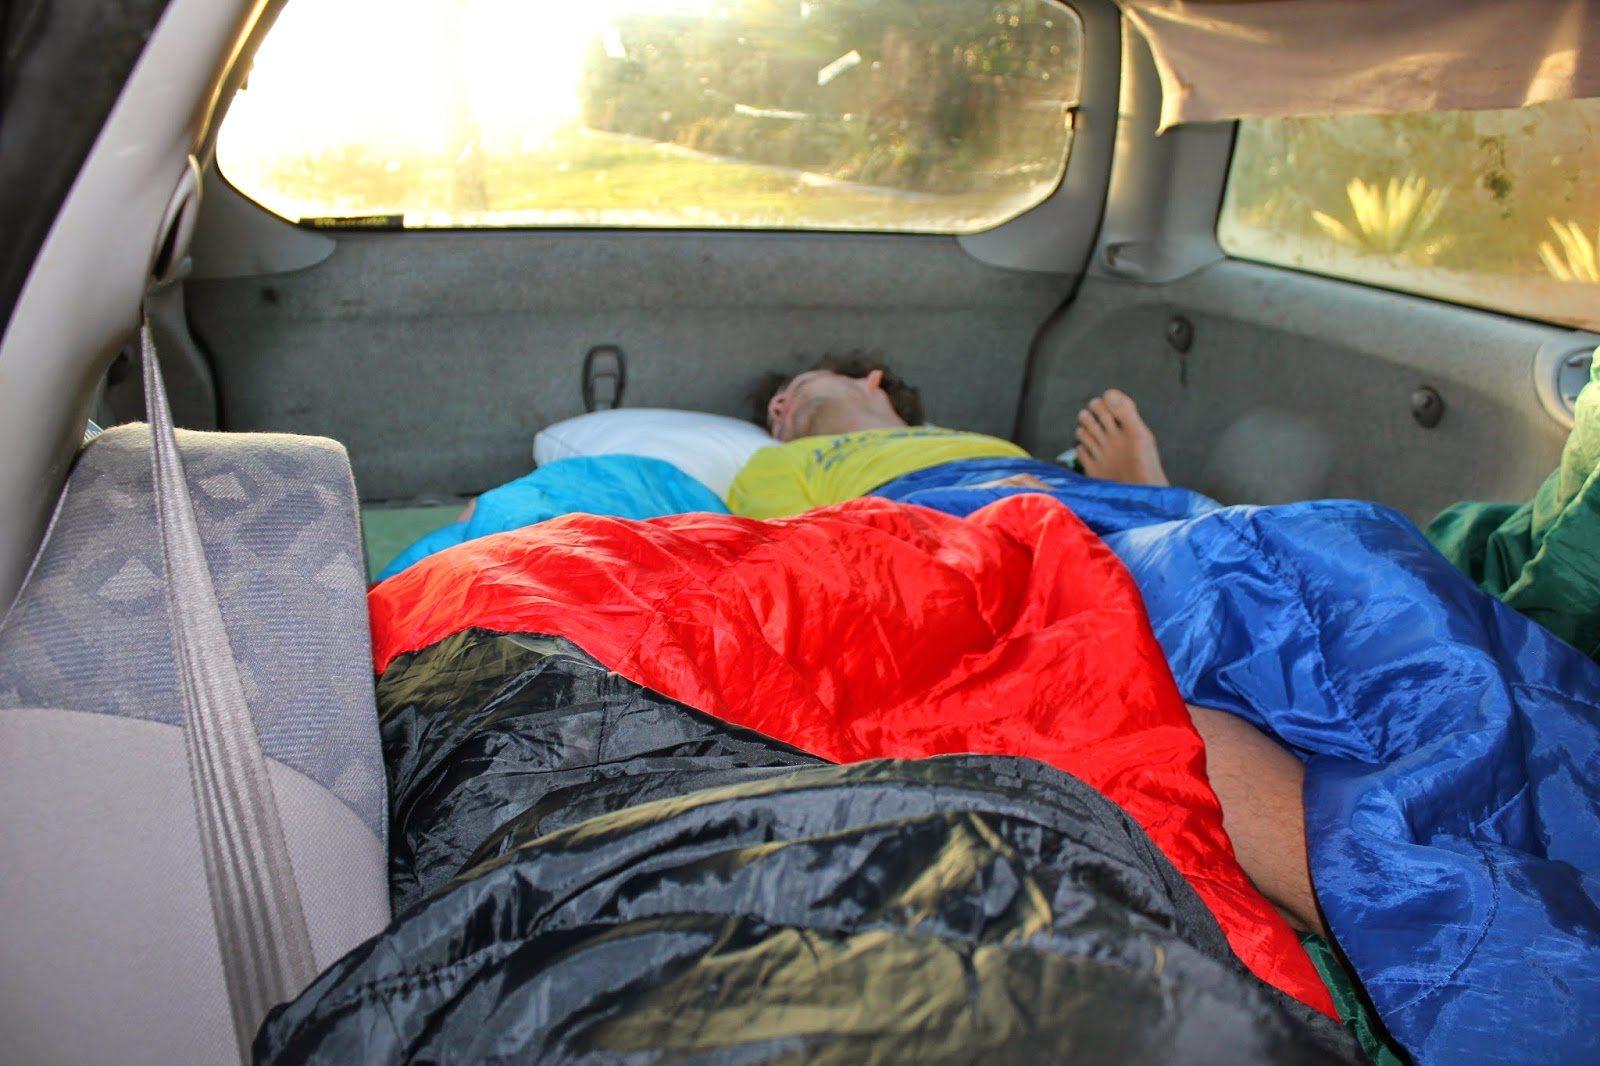 nukkuminen sänky erätukku makuupussi retkipatja retki patja erä lepo makuualusta maku asia